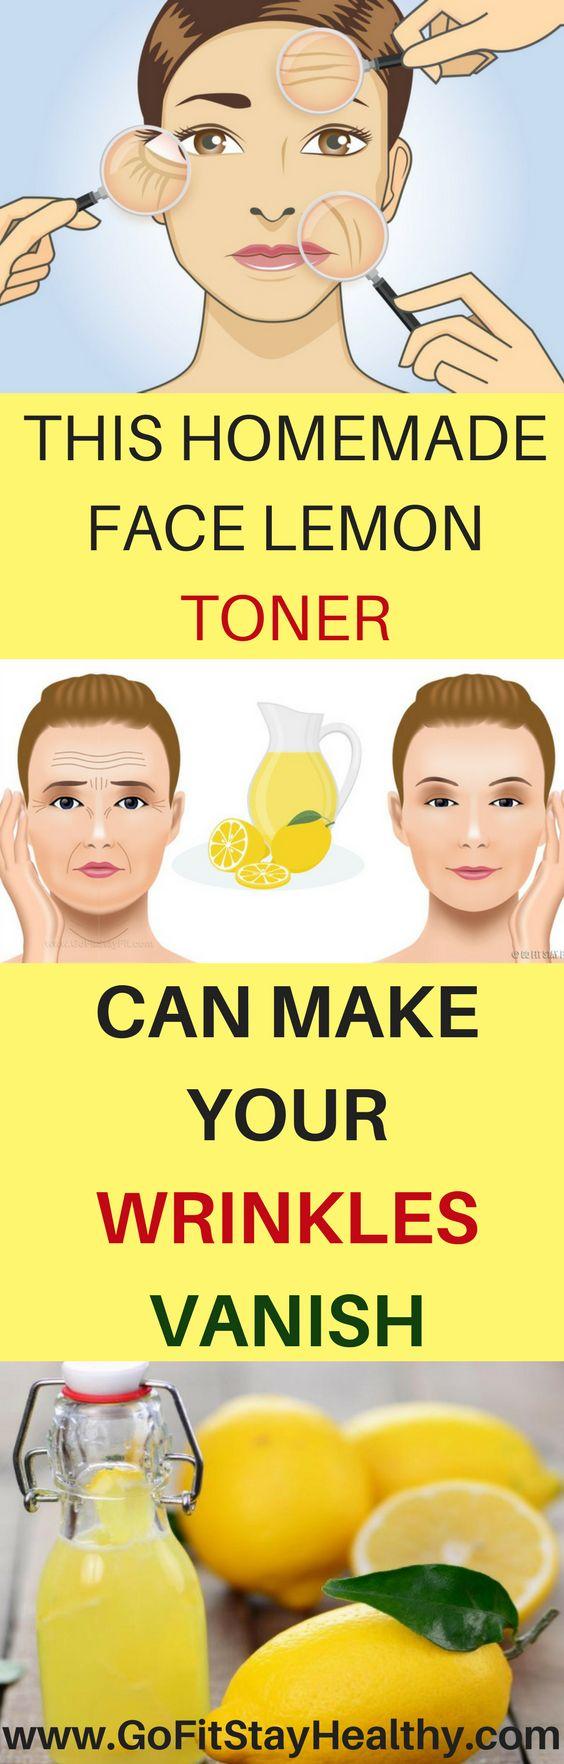 THIS HOMEMADE FACE LEMON TONER CAN MAKE YOUR WRINKLES VANISH